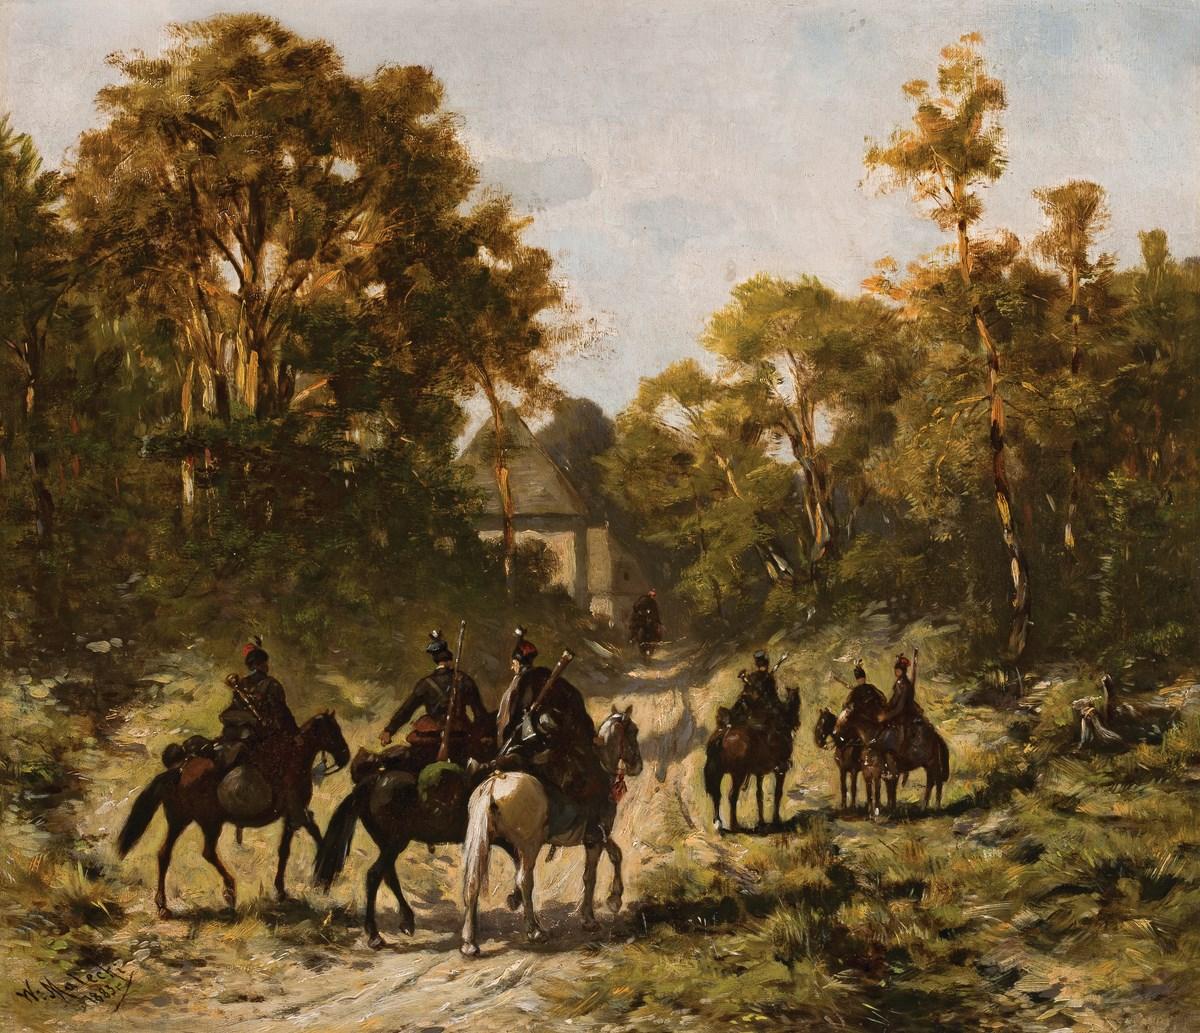 """Władysław Malecki (1836-1900), """"Patrol powstańców – czaty"""", 1883, wł. Muzeum Narodowe w Warszawie; foto Krzysztof Wilczyński (źródło: materiały prasowe organizatora)"""